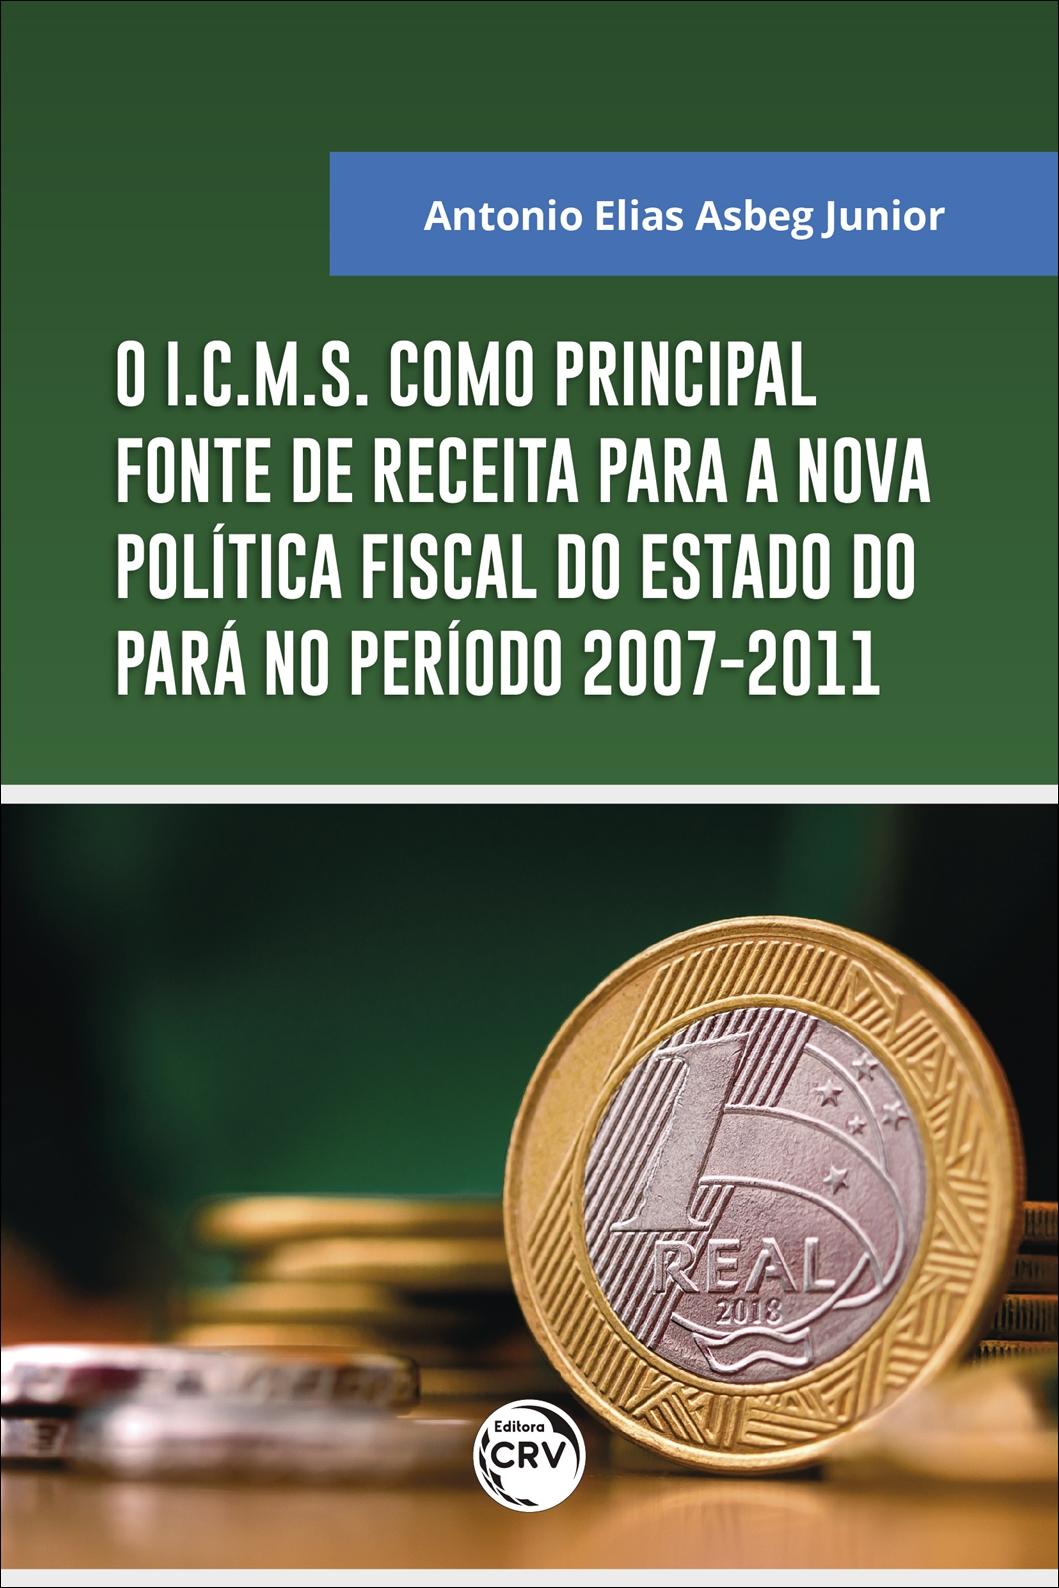 Capa do livro: O I.C.M.S. COMO PRINCIPAL FONTE DE RECEITA PARA A NOVA POLÍTICA FISCAL DO ESTADO DO PARÁ NO PERÍODO 2007-2011